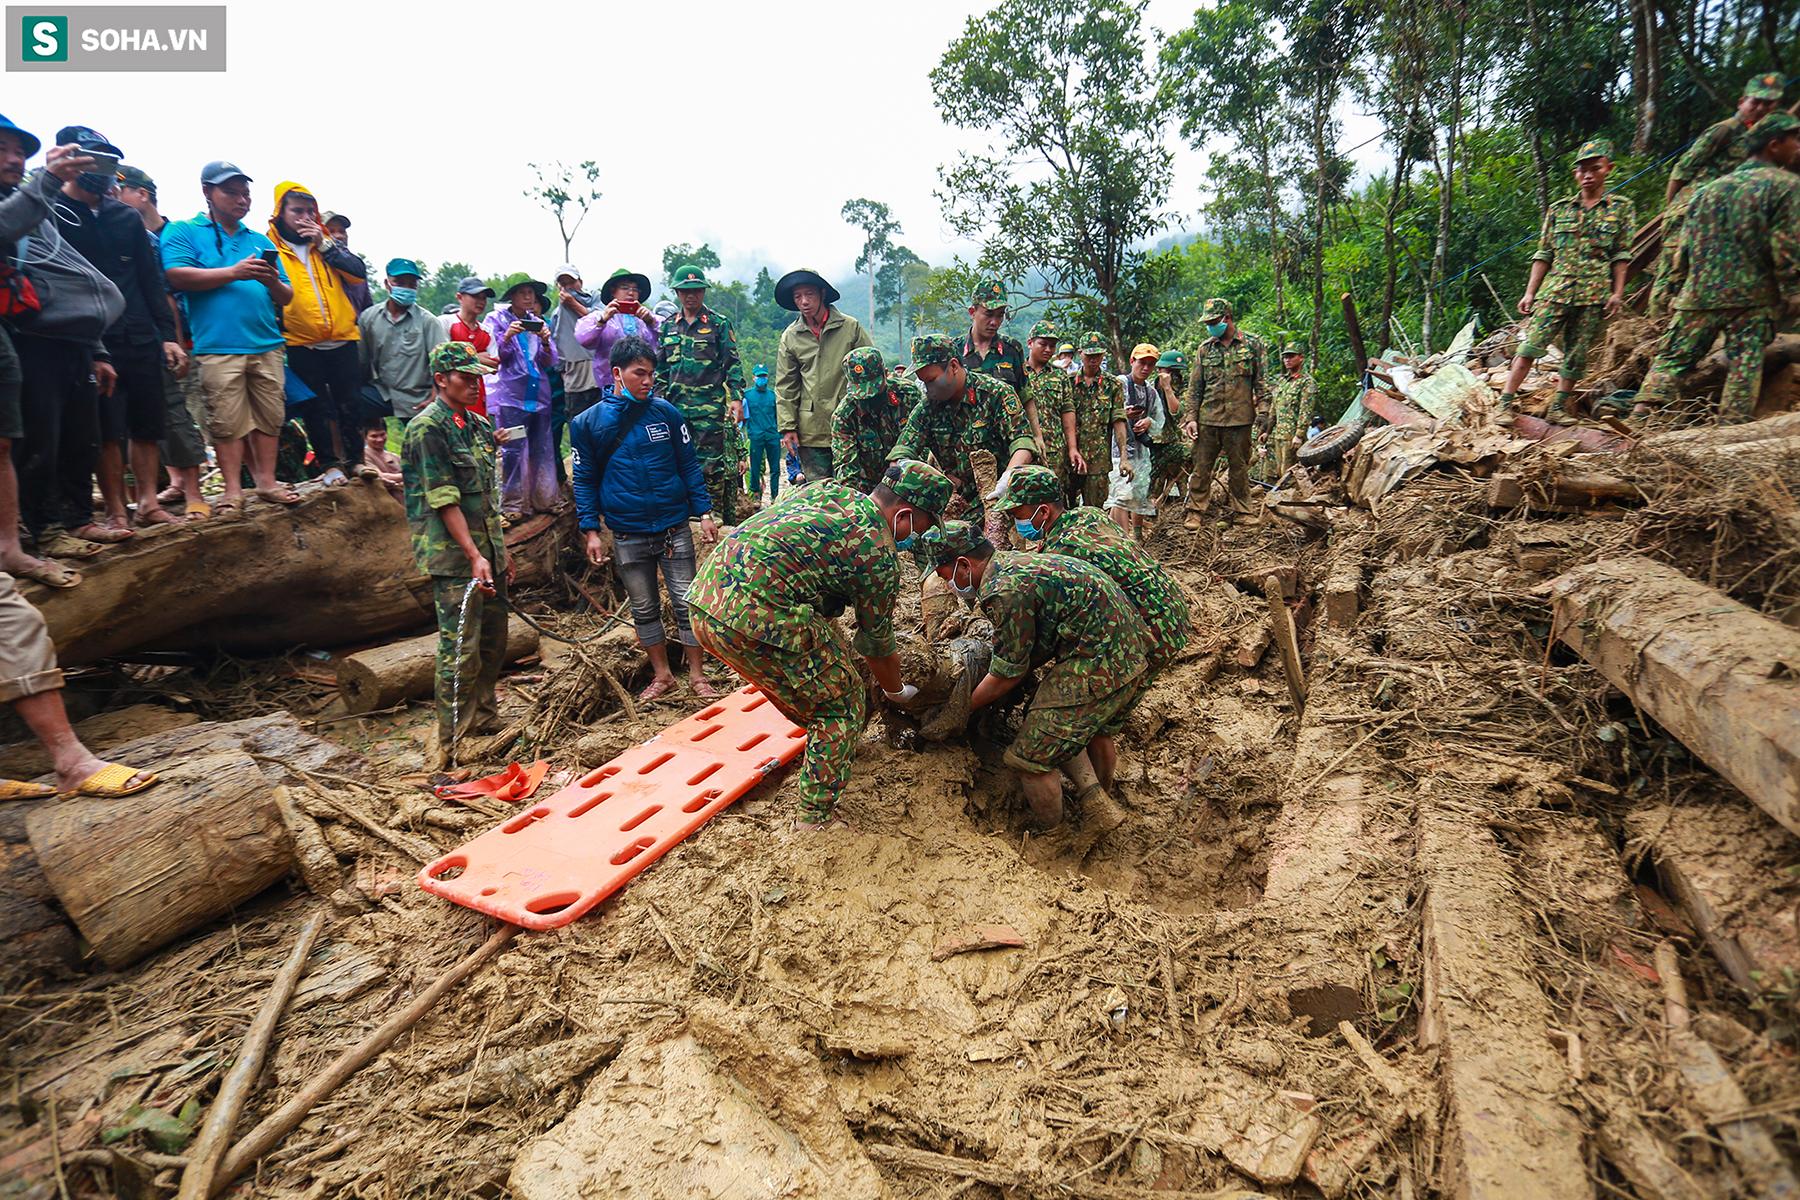 [Ảnh] Dân làng khóc nghẹn khi tìm thấy bé trai 10 tháng tuổi dưới lớp bùn đất vụ sạt lở ở Trà Leng - Ảnh 13